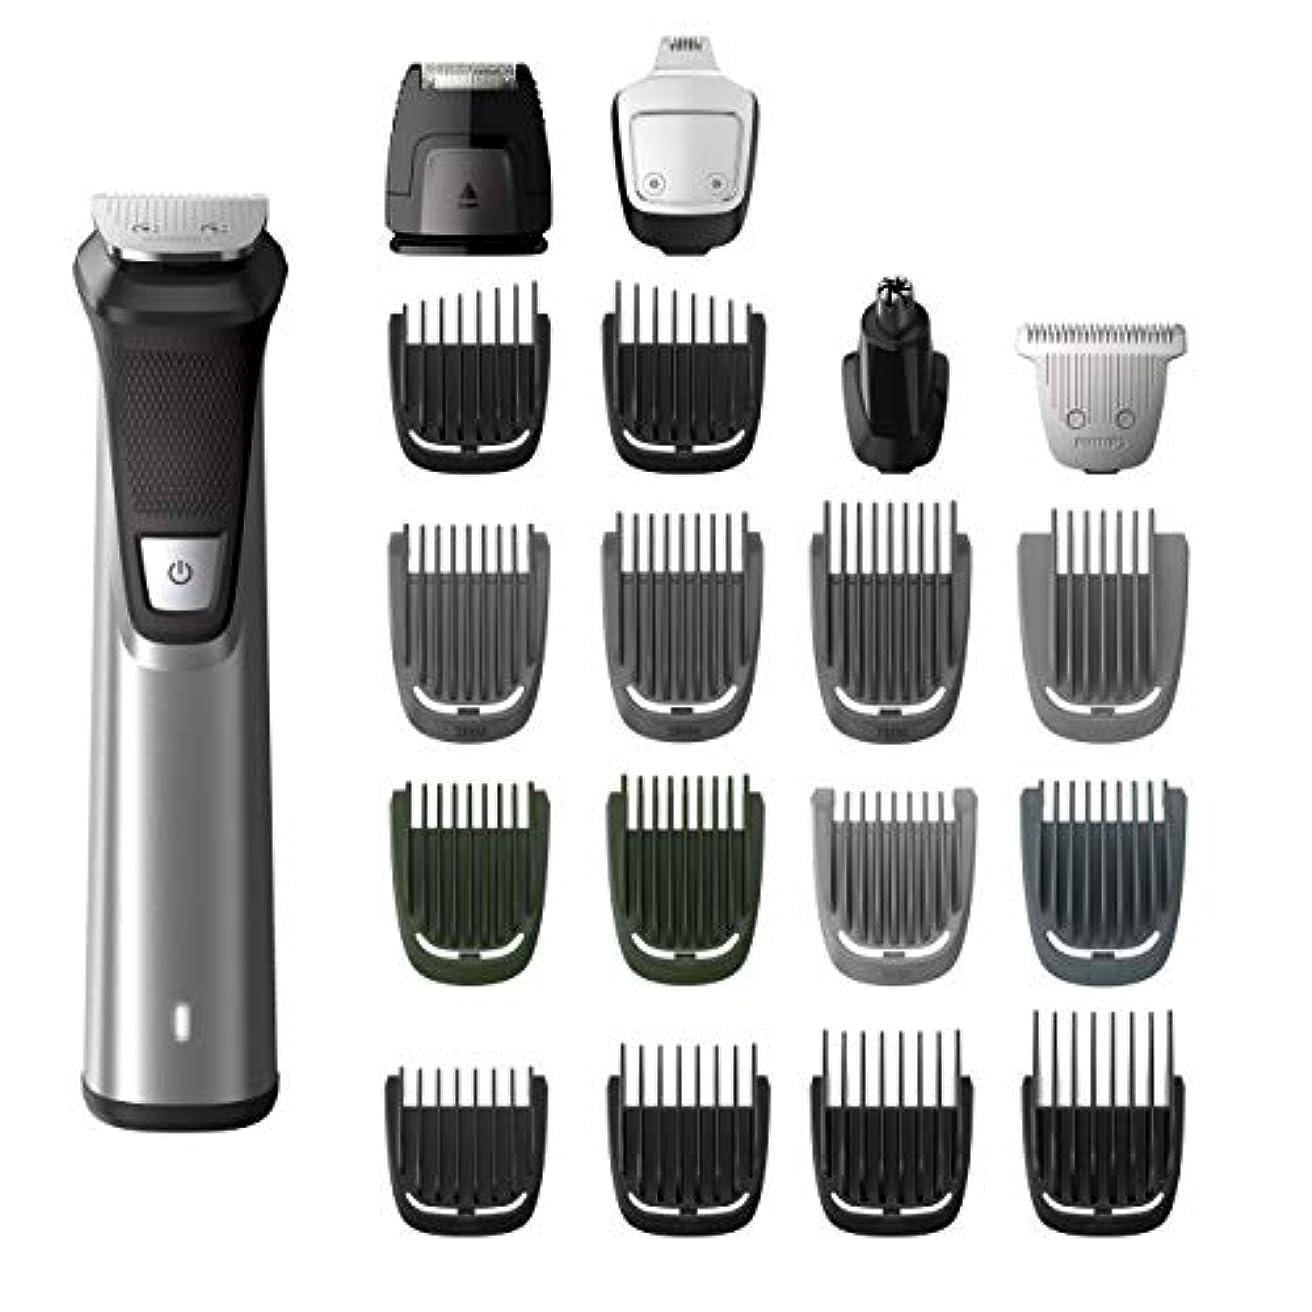 野ウサギ継続中取り消すPhilips Norelco MG7750/49 Multigroom 7000 Face Styler and Grooming Kit, 23 Trimming Pieces, DualCut Technology...